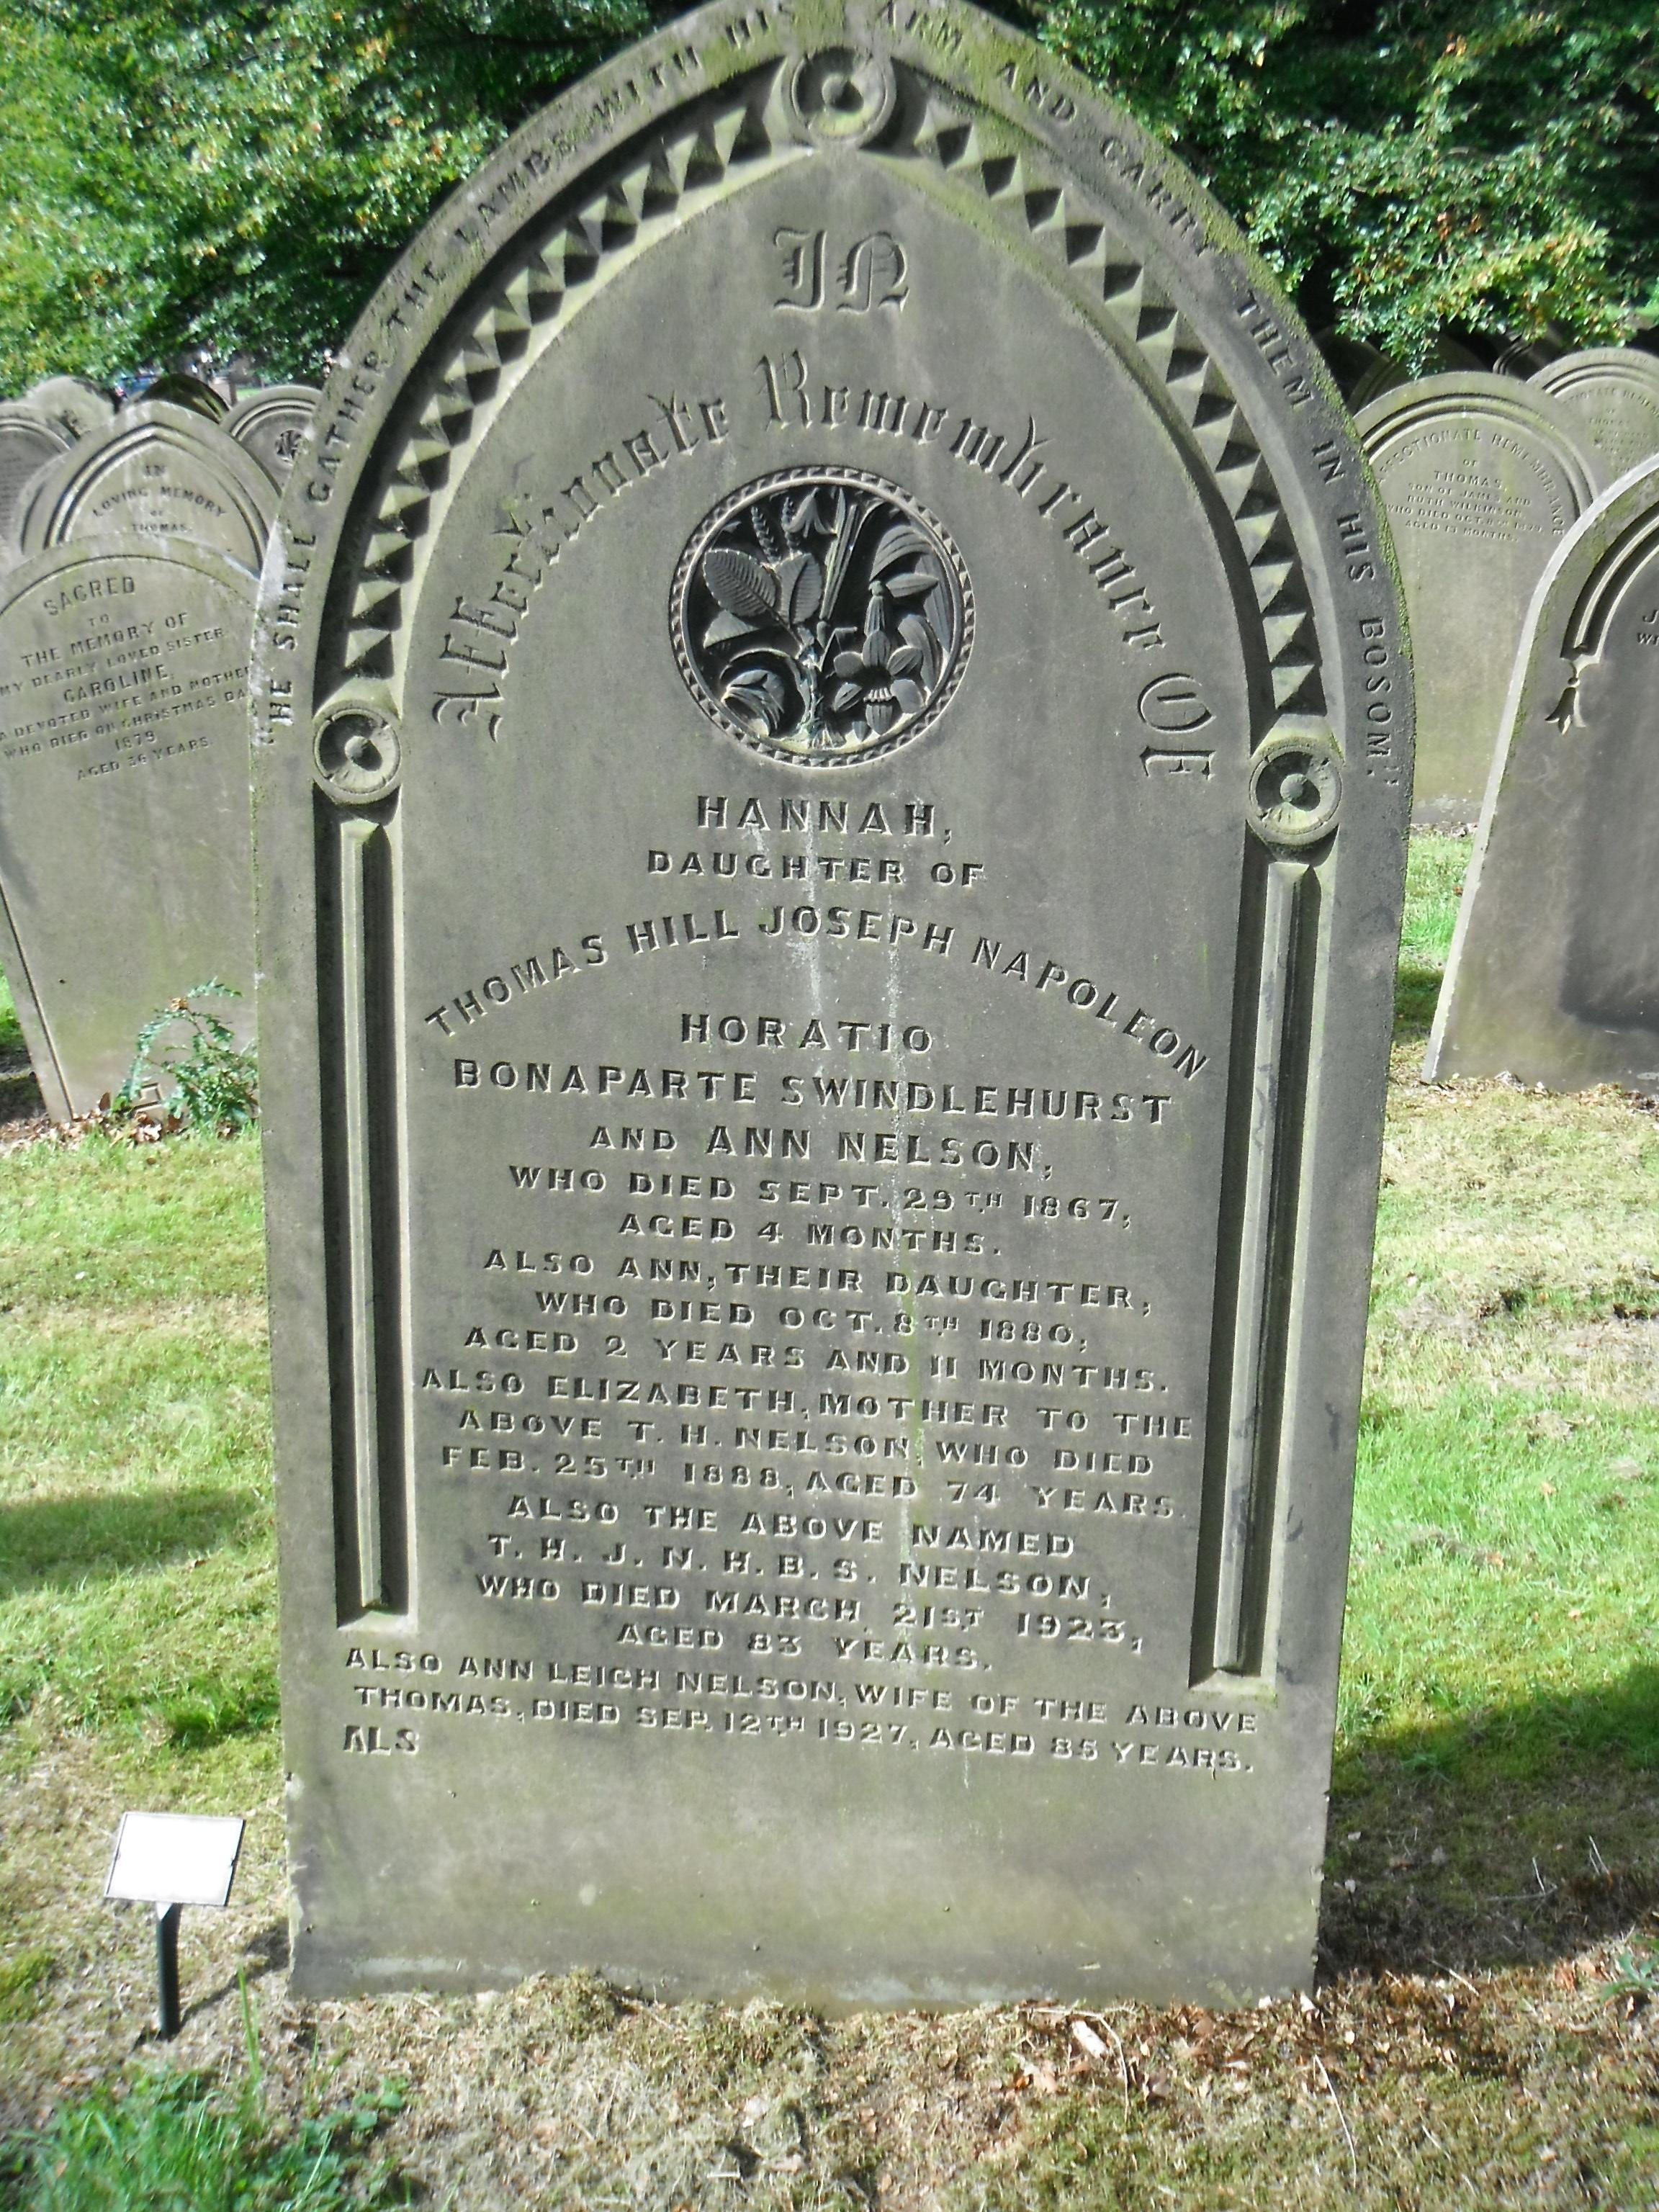 Photo taken by me -  grave marker - Preston, Lancashire